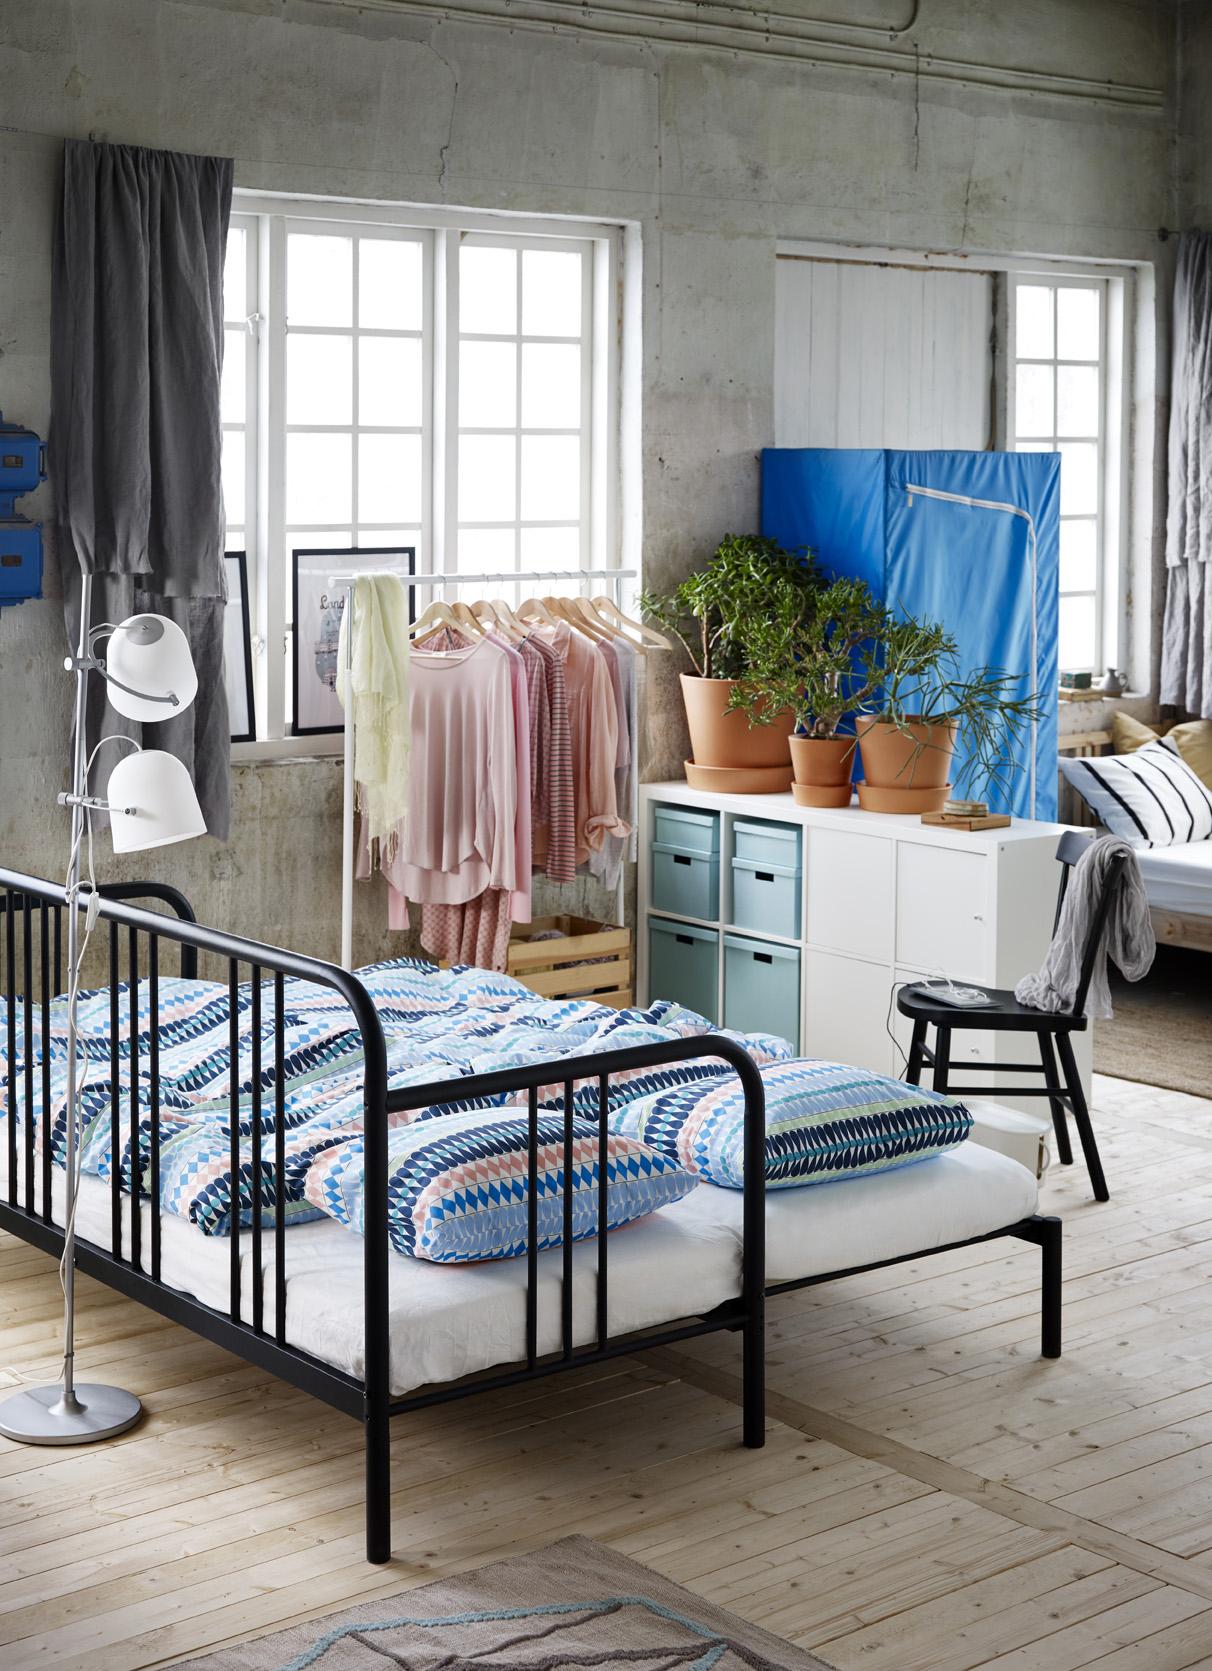 37_dormitorios_IKEA